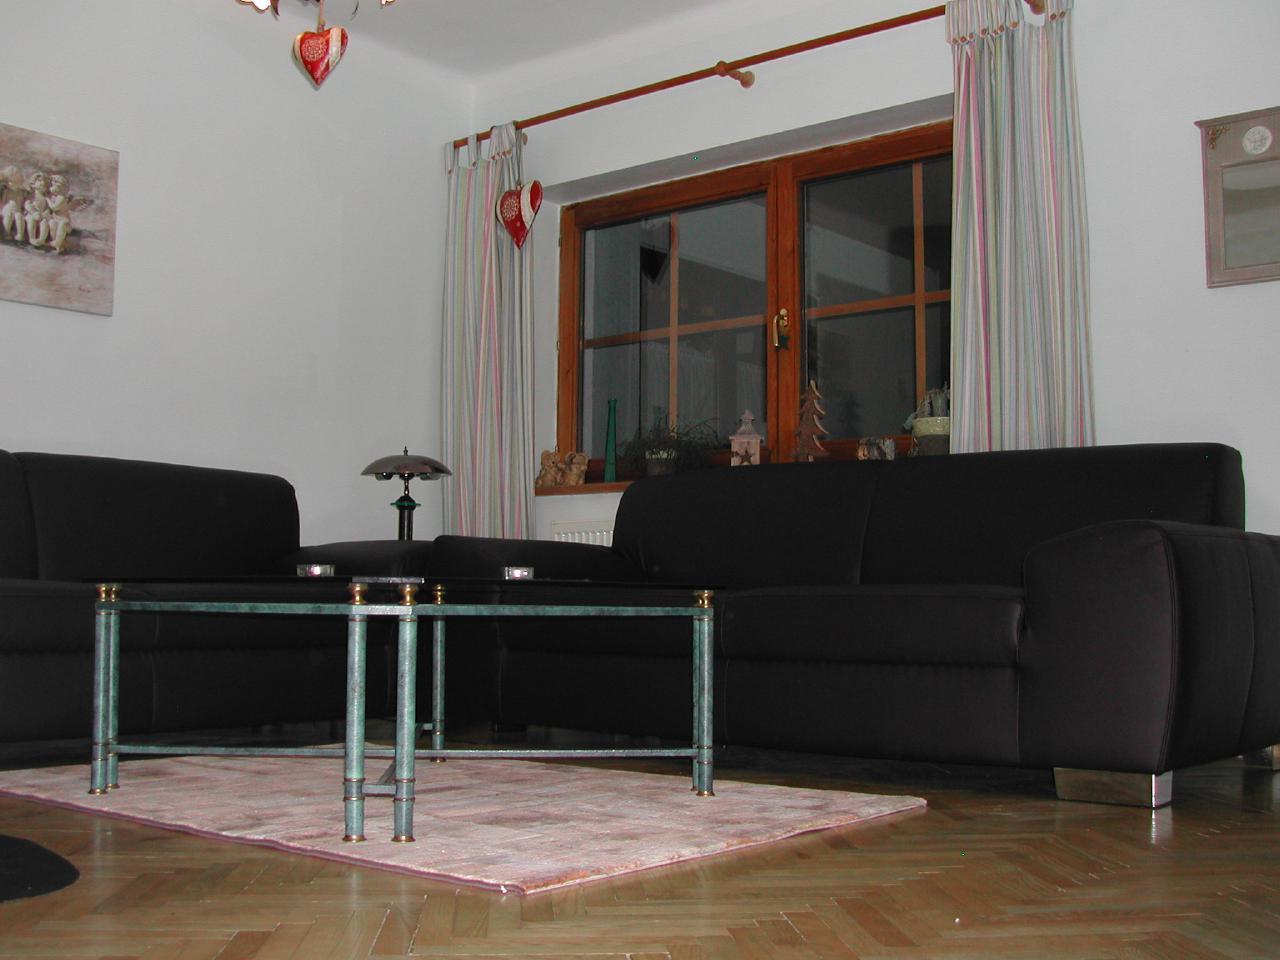 Maison de vacances Gemütliches Ferienhaus in traumhafter Lage (866360), Lofer, Pinzgau, Salzbourg, Autriche, image 5